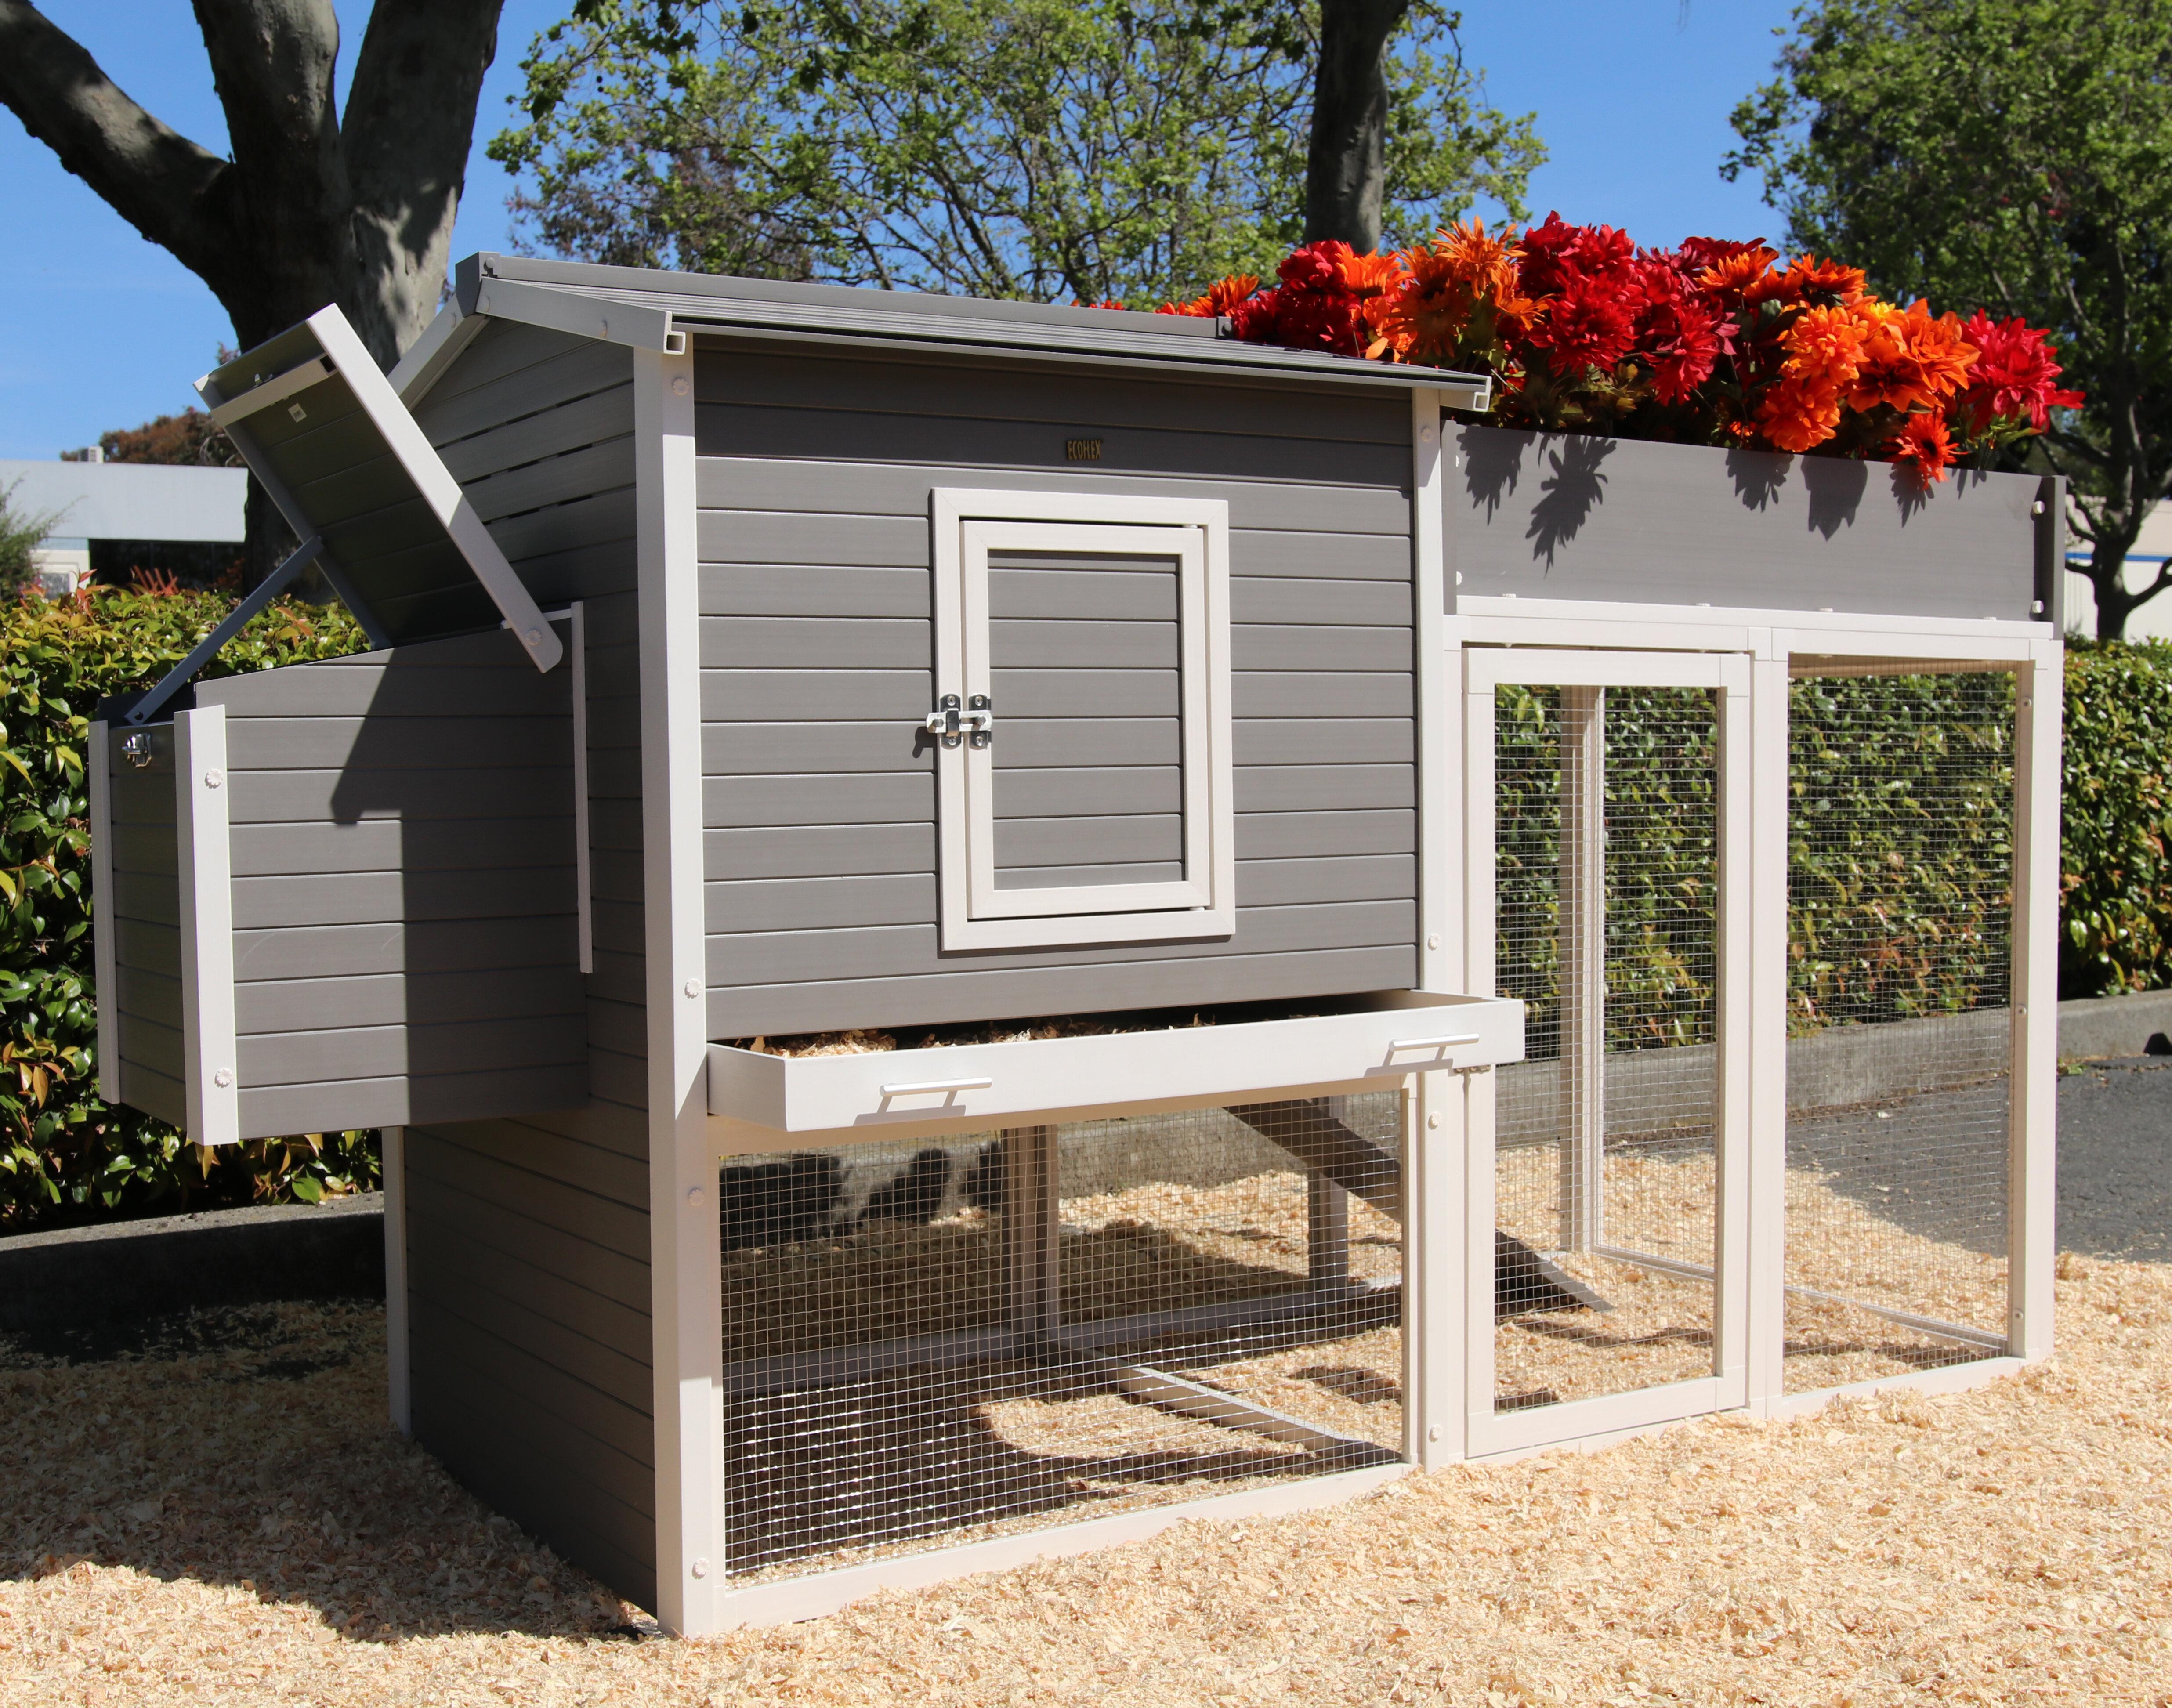 Tucker Murphy Pet Josepha Chicken Coop With Rooftop Garden | Wayfair